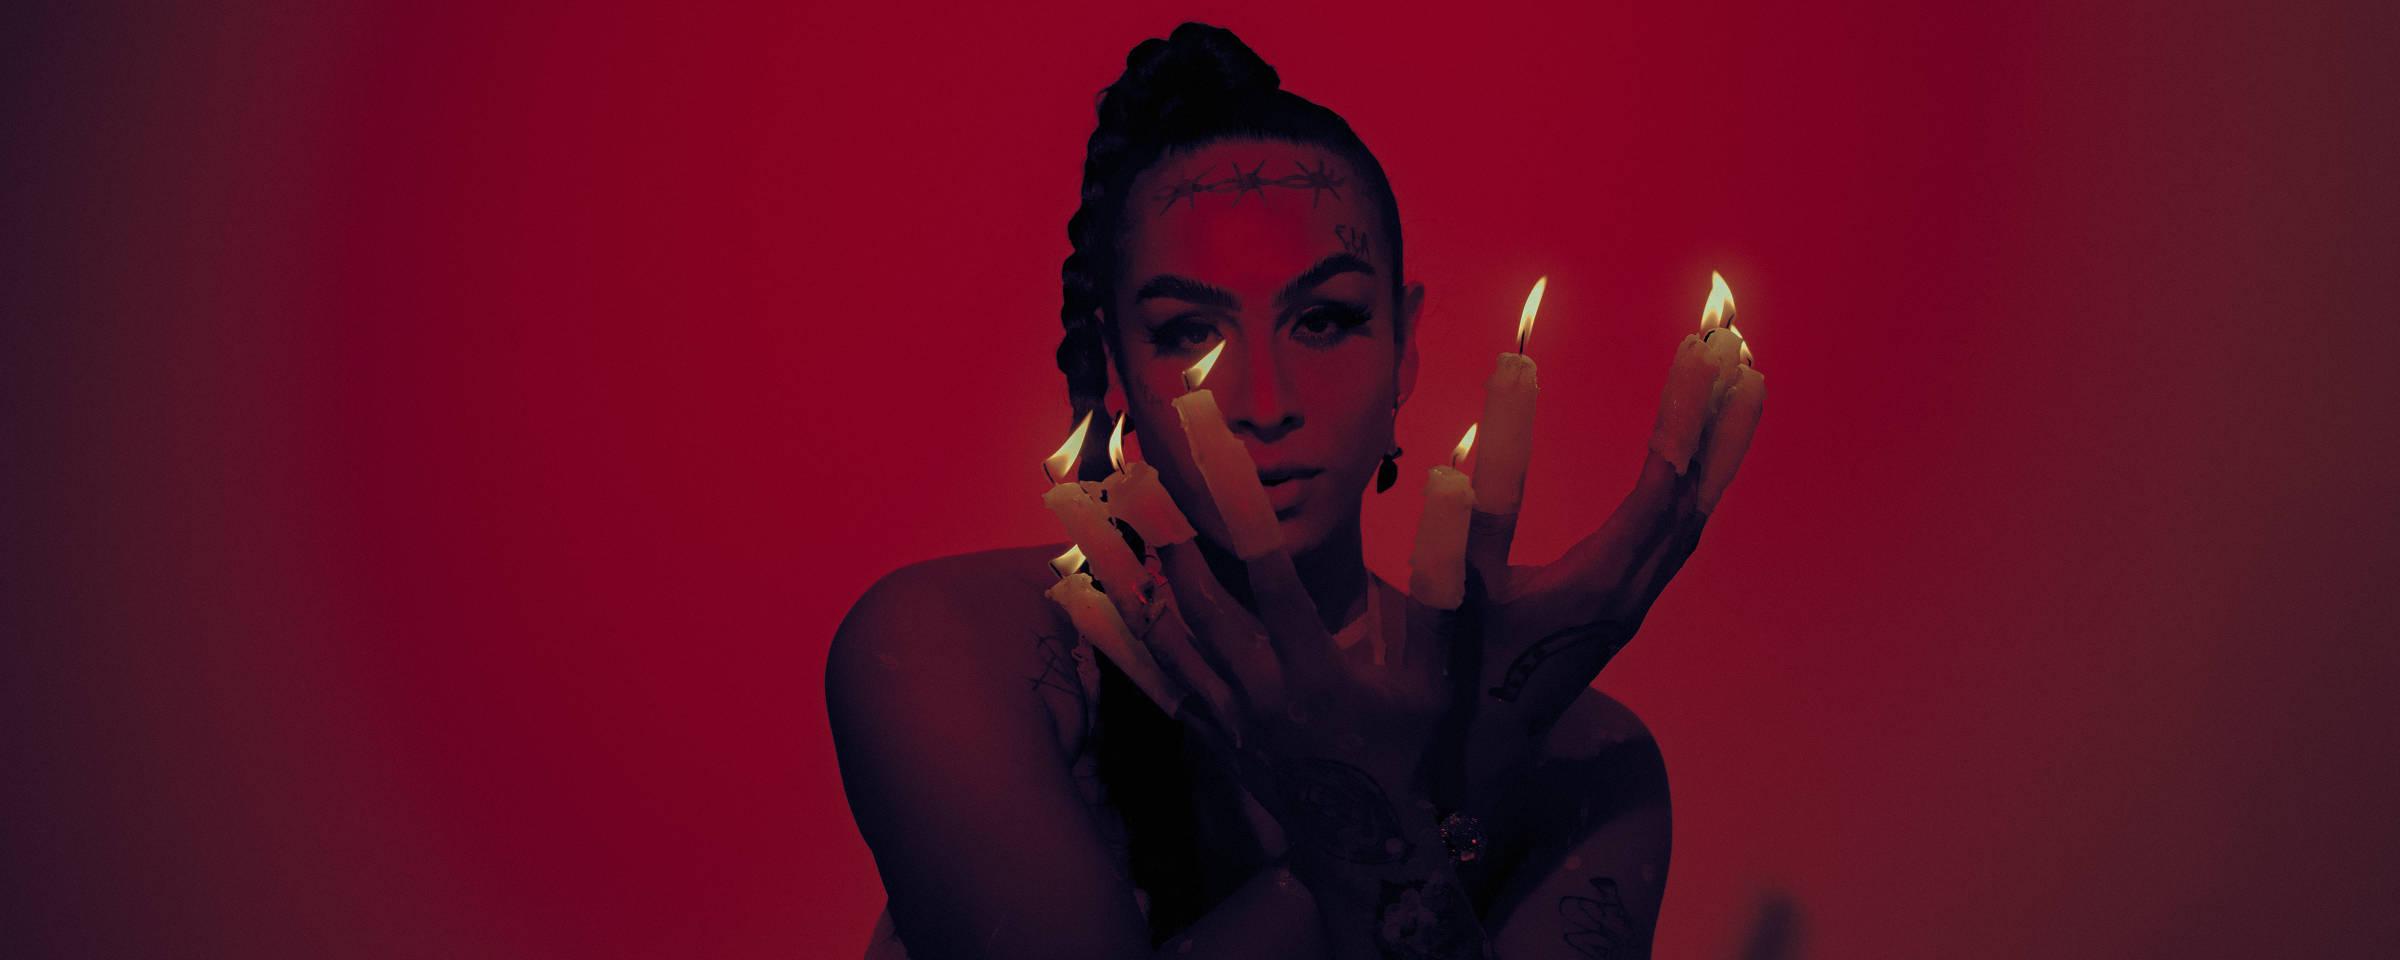 A artista Linn da Quebrada, que lança no álbum 'Trava Línguas' (Foto: Divulgação)